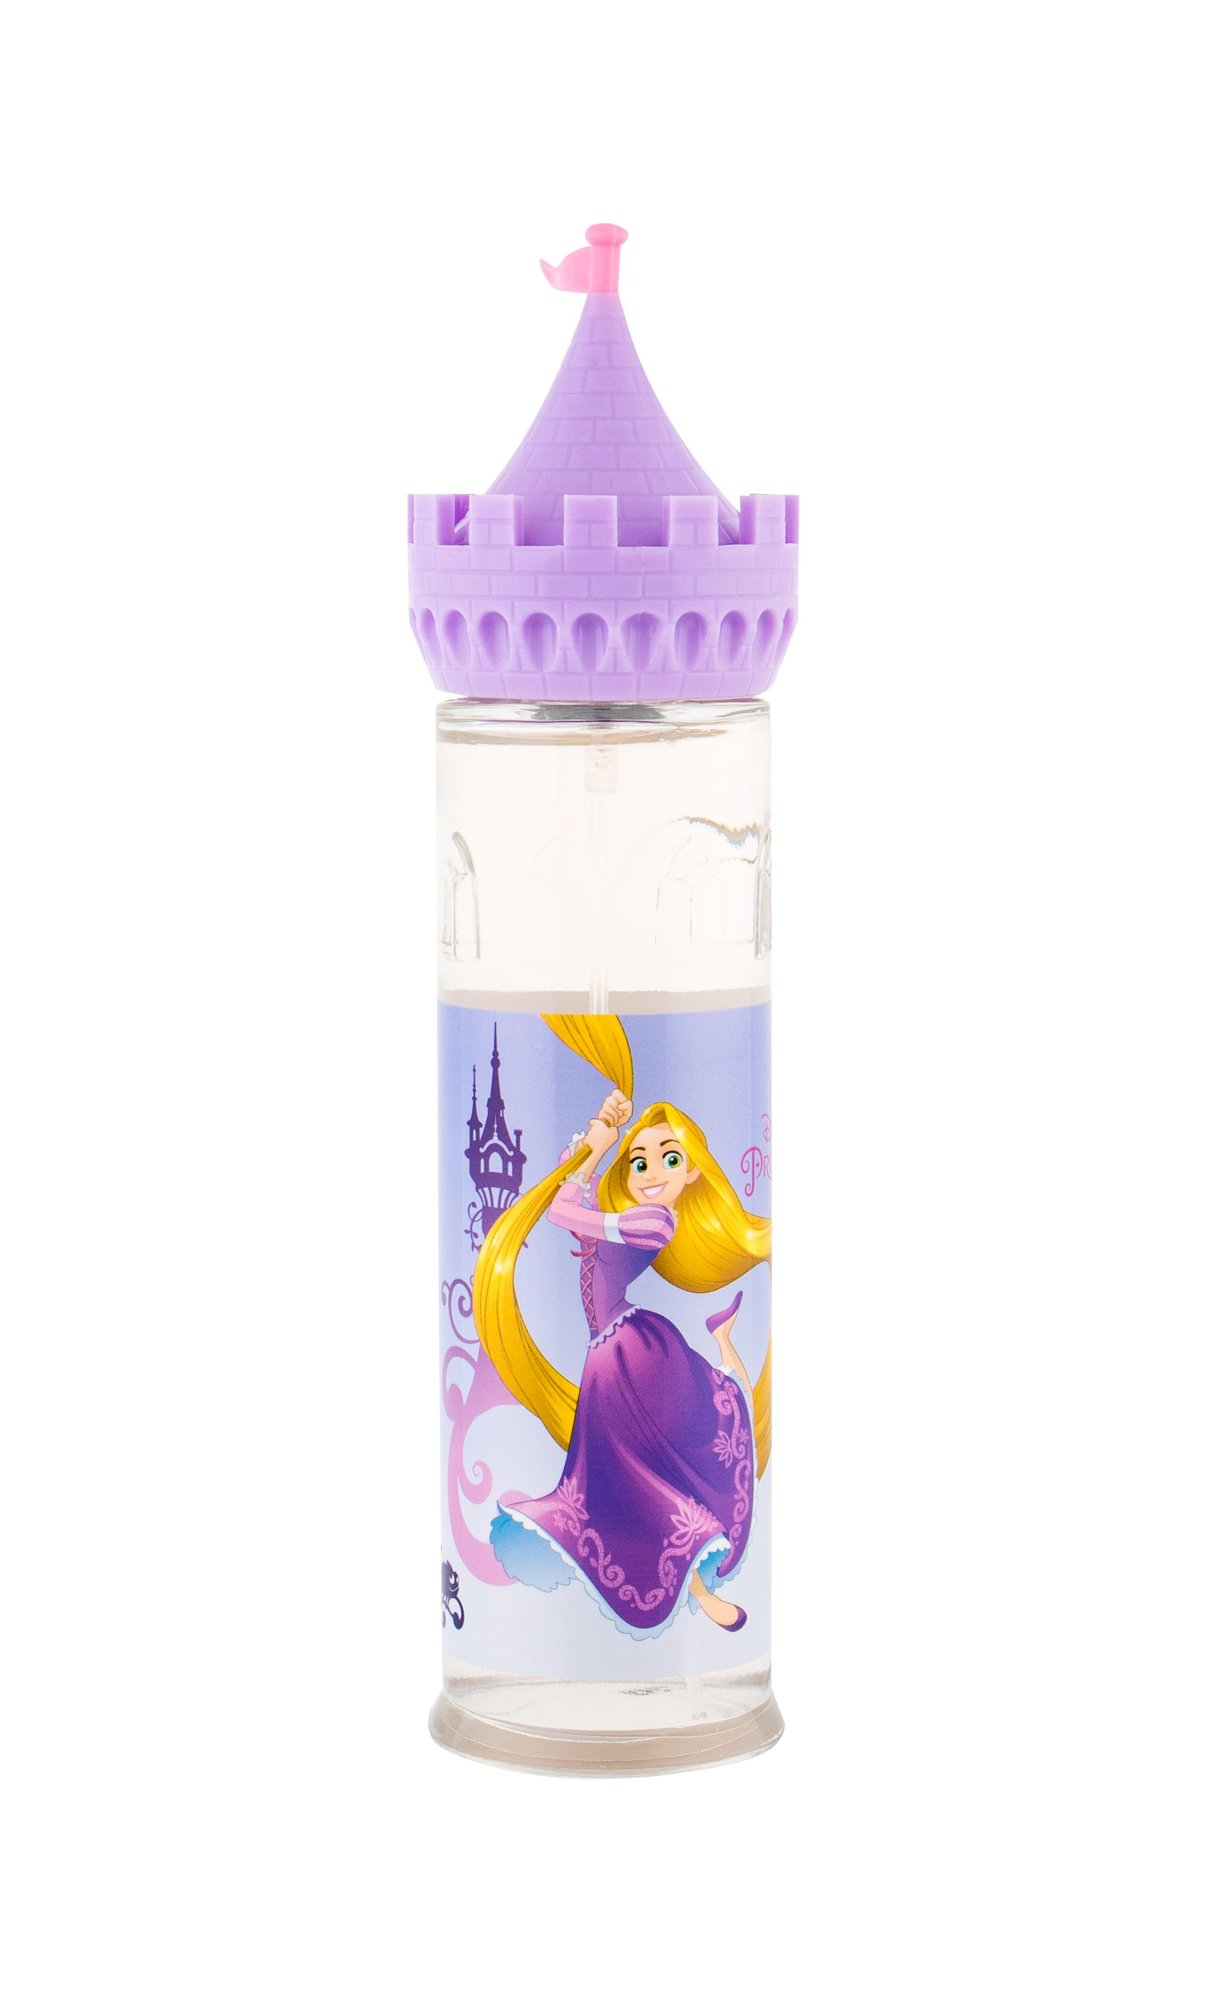 Disney Princess Rapunzel Eau de Toilette 100ml